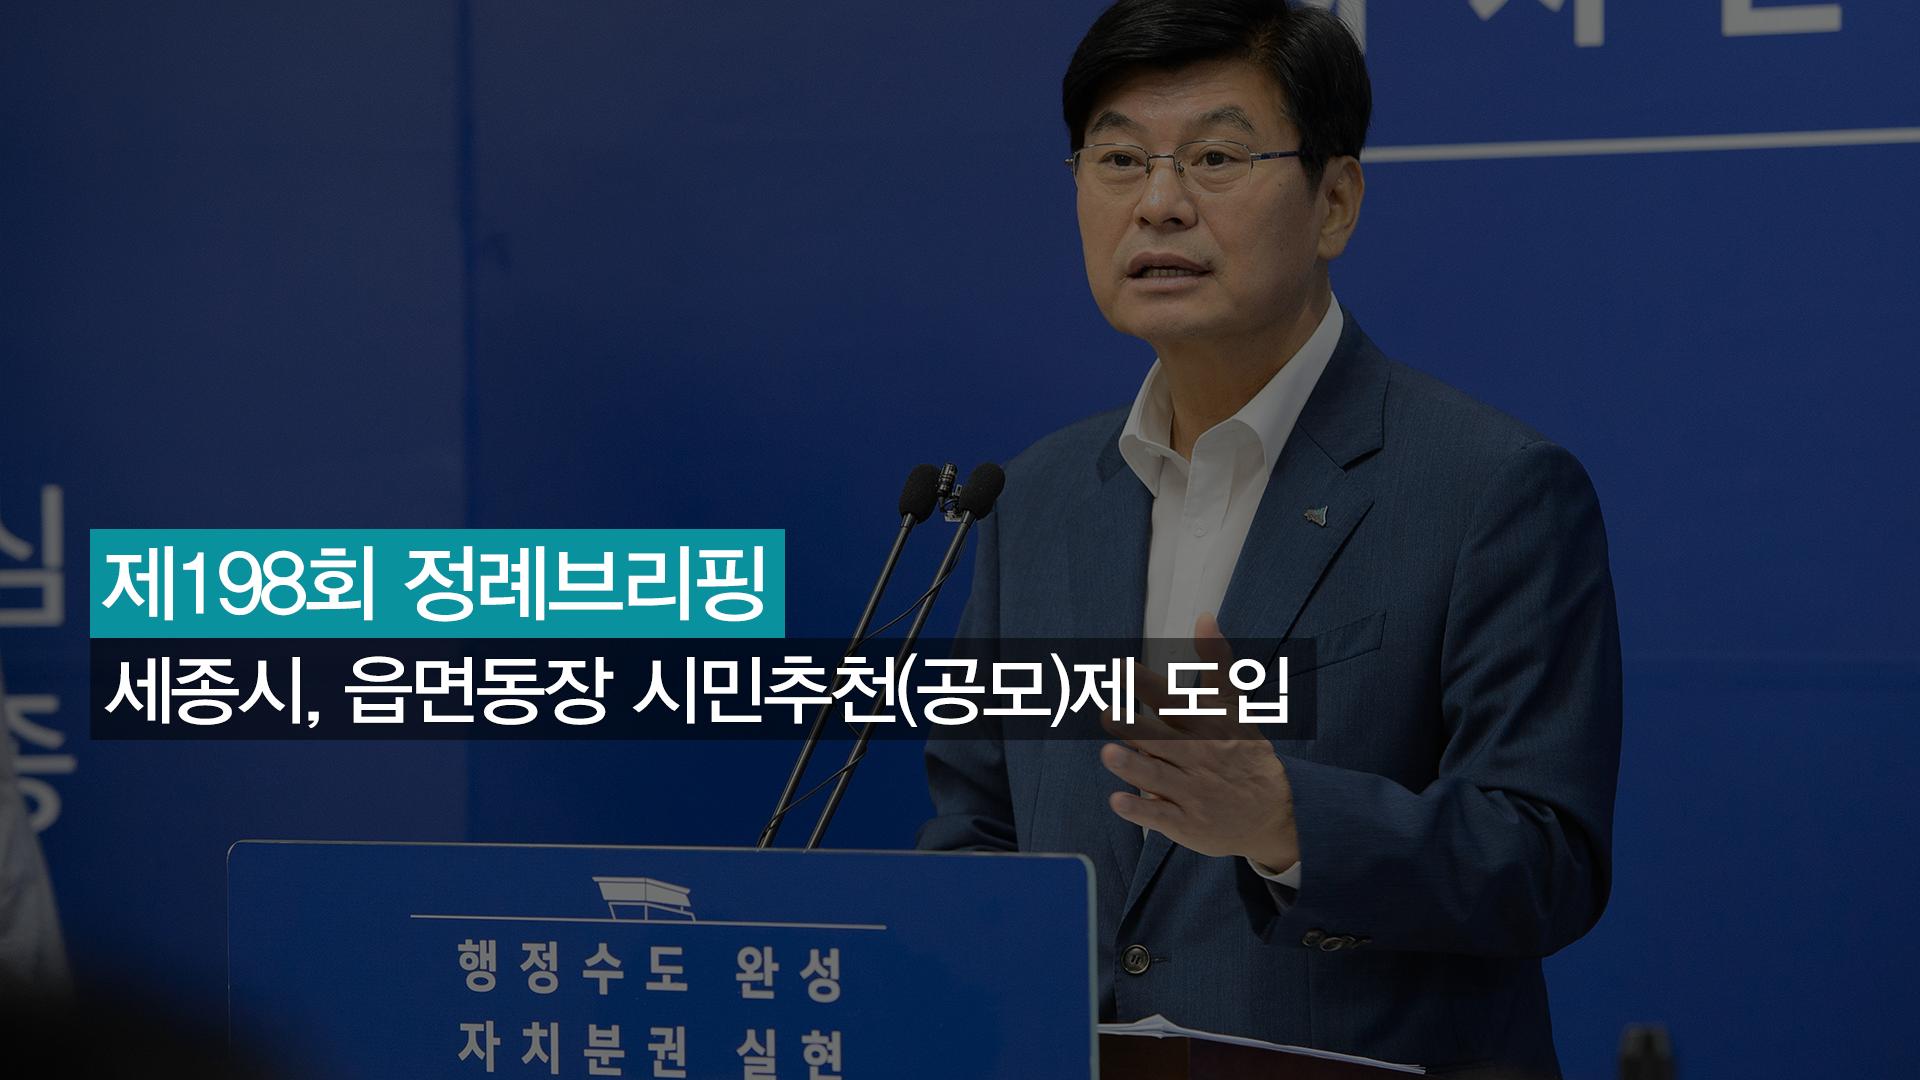 <198번째 정례브리핑> 세종시, 읍면동장 시민추천(공모)제 도입